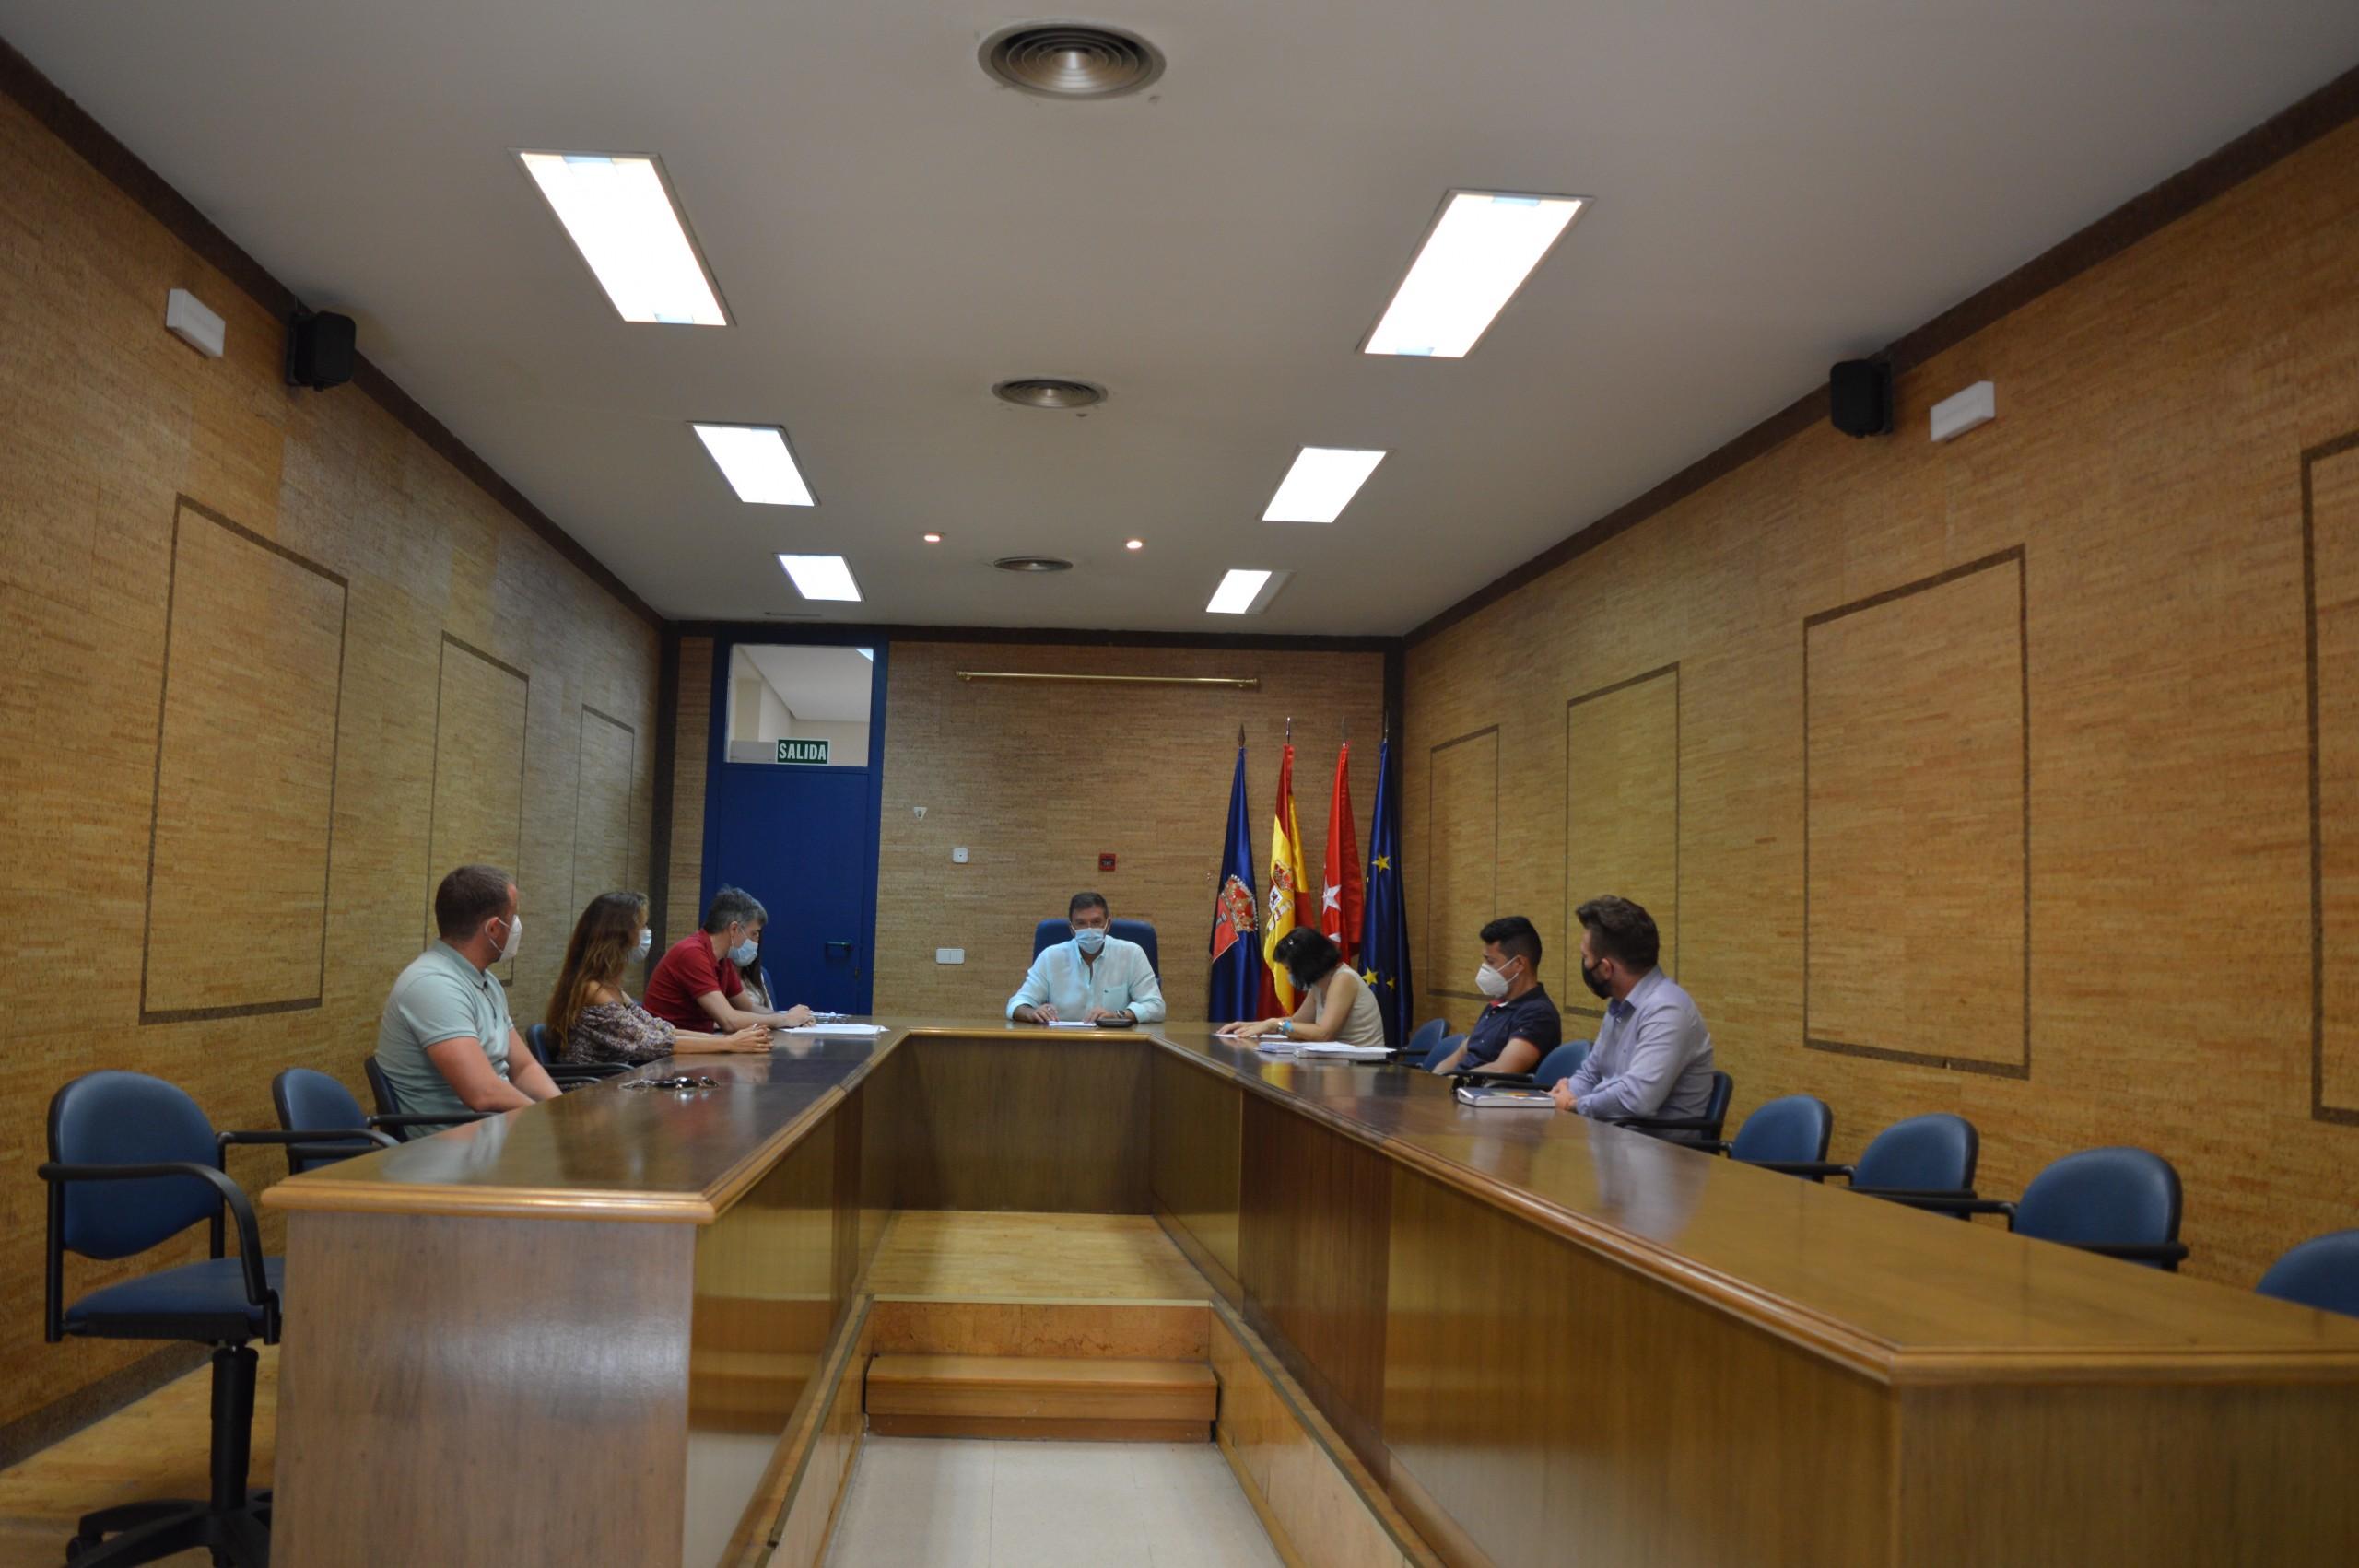 La Junta de Gobierno Local aprueba más ayudas económicas destinadas a personas afectadas por un ERTE, ERE o despido por el Covid-19.